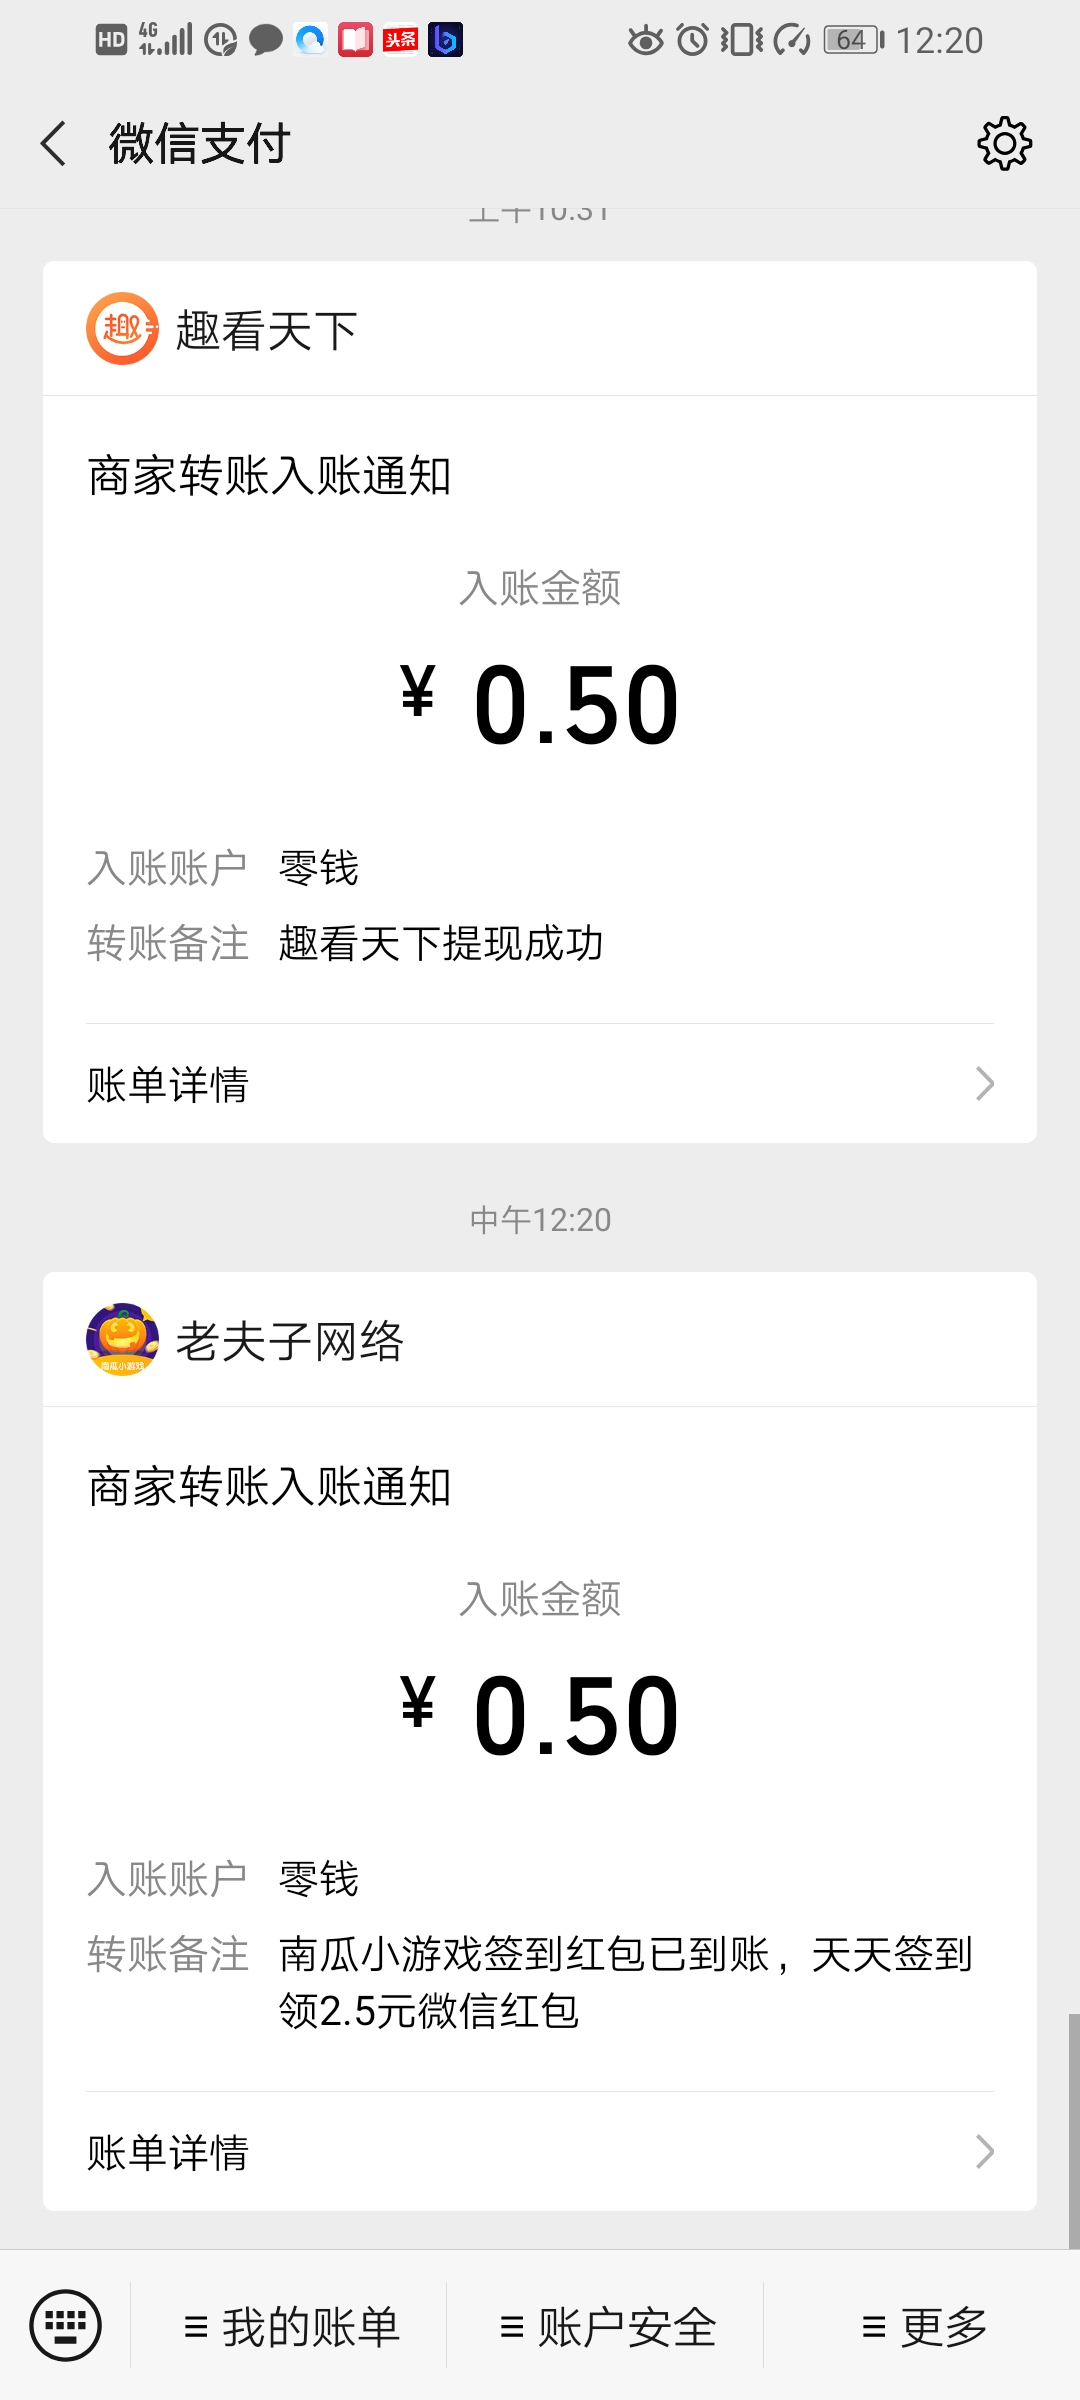 南瓜小游戏:看3个广告领0.5元红包可提现微信  第4张